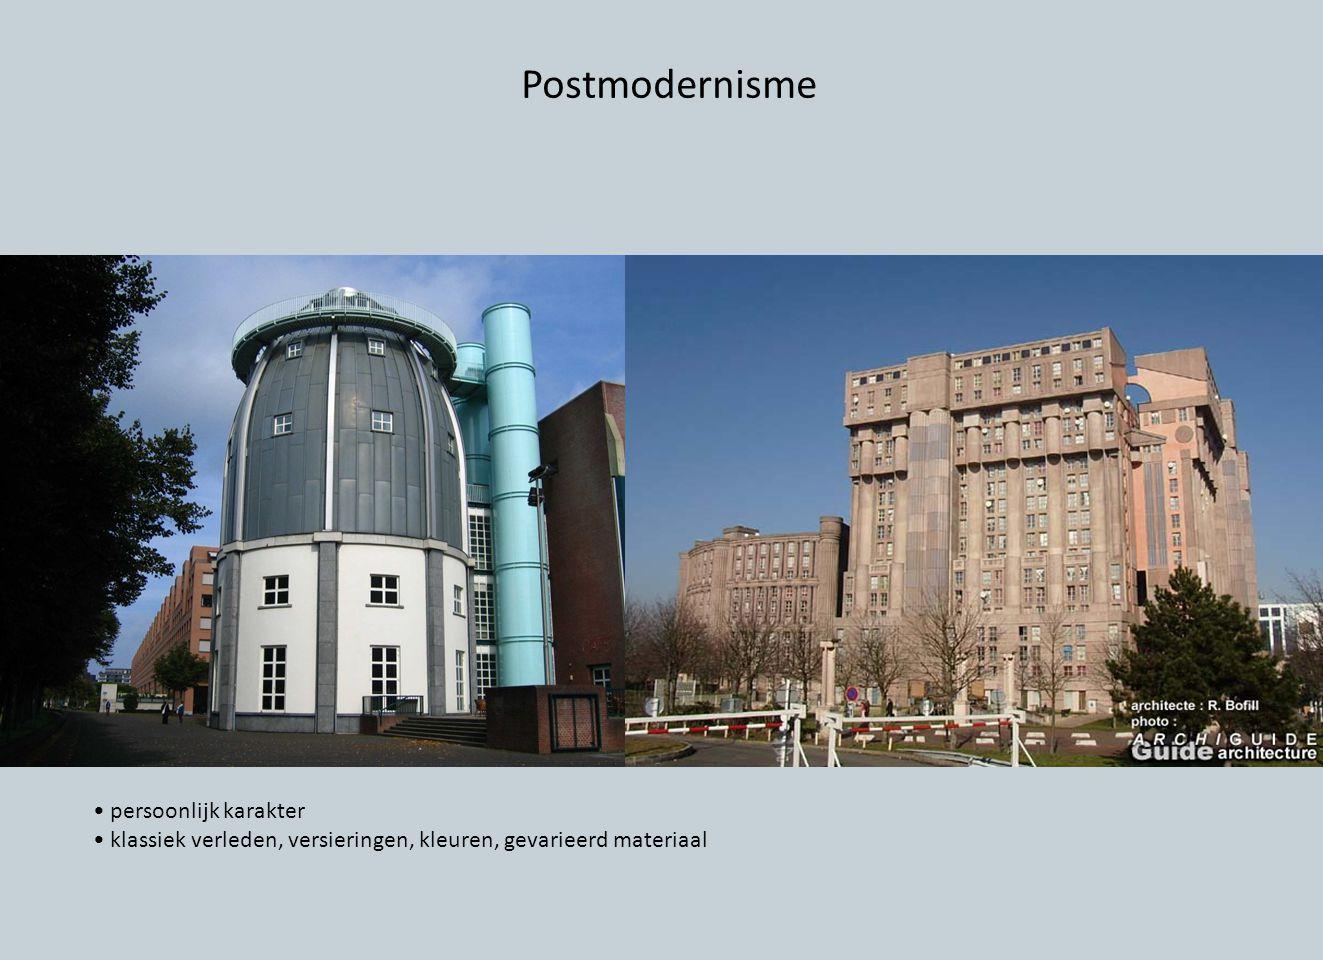 Postmodernisme persoonlijk karakter klassiek verleden, versieringen, kleuren, gevarieerd materiaal